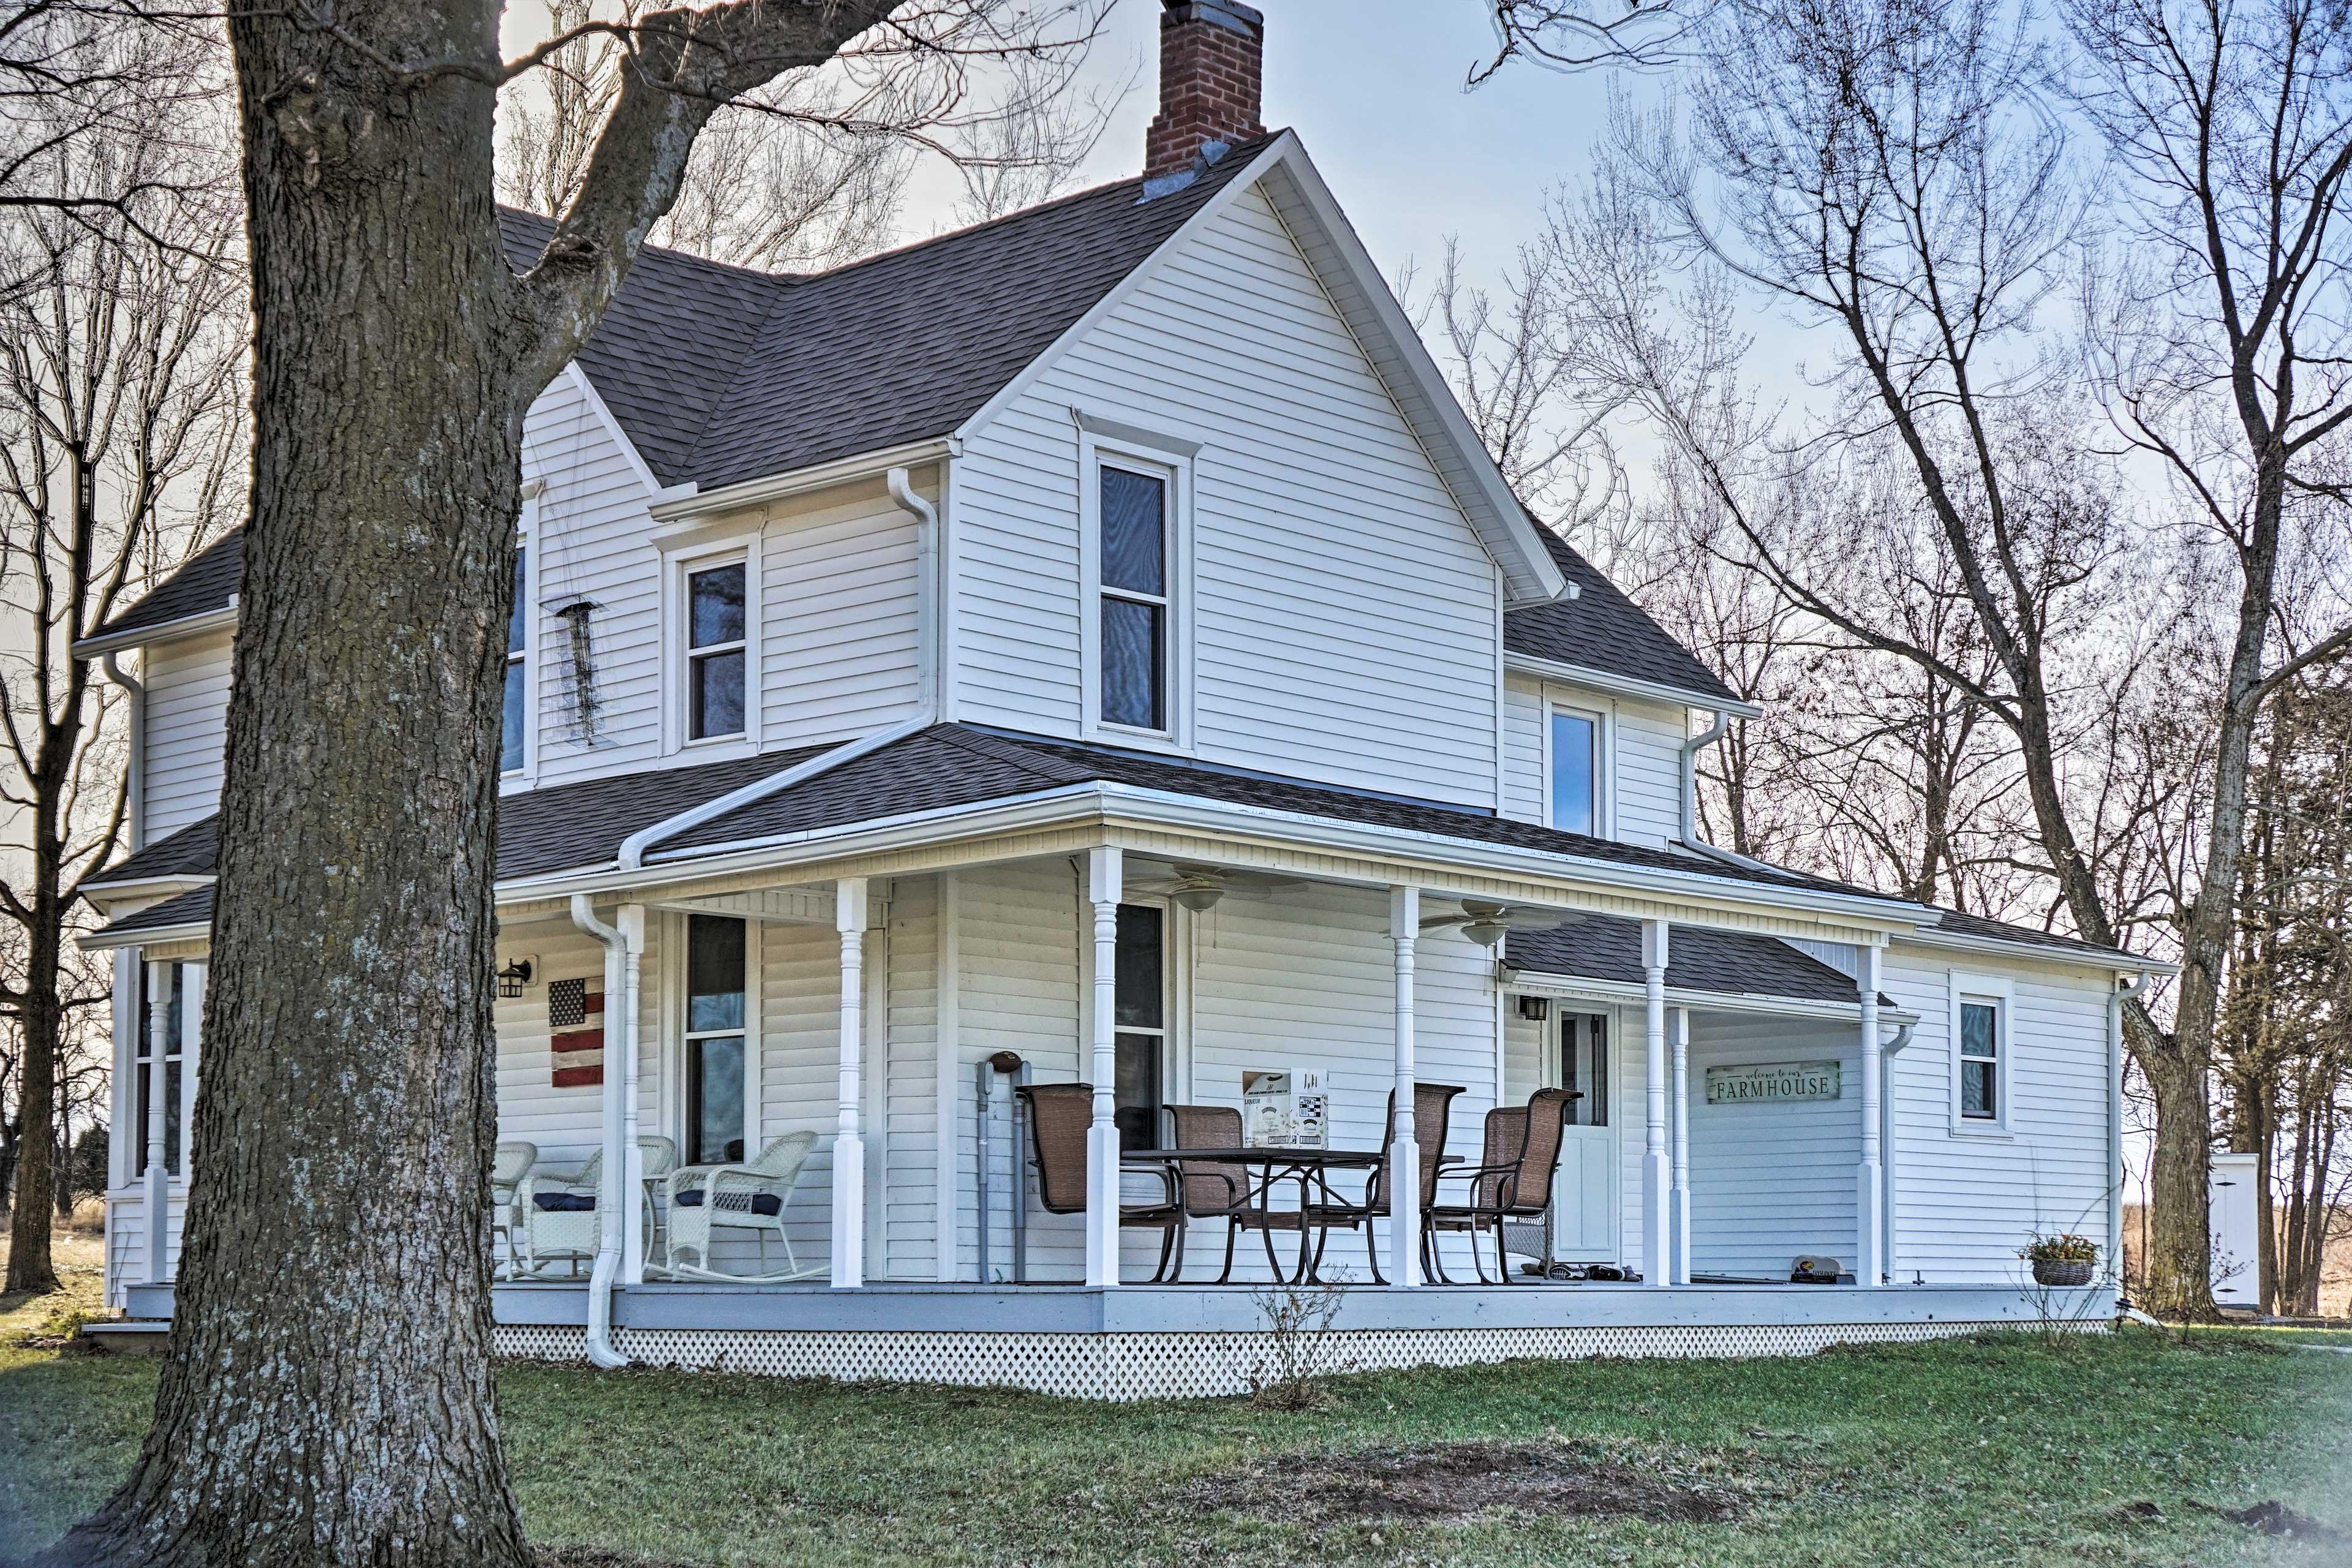 A bucolic getaway awaits at this historic Lecompton vacation rental farmhouse!